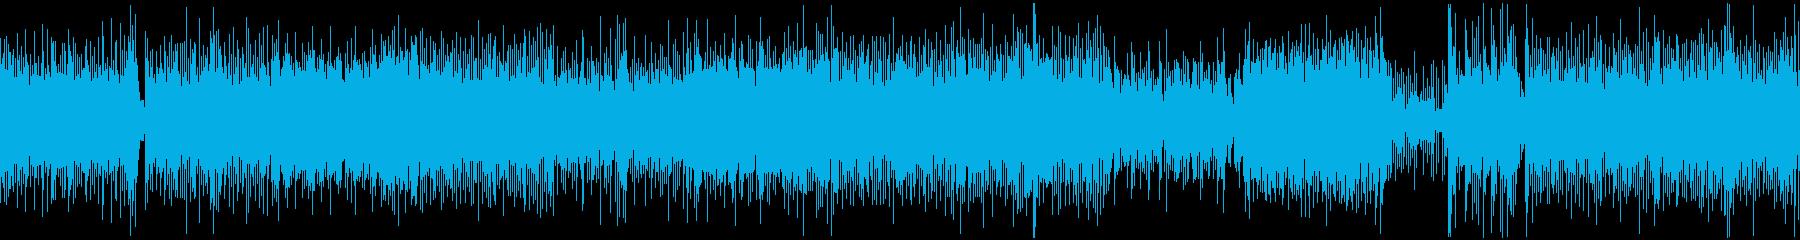 和風、三味線メタル2、激しい(声なし)dの再生済みの波形